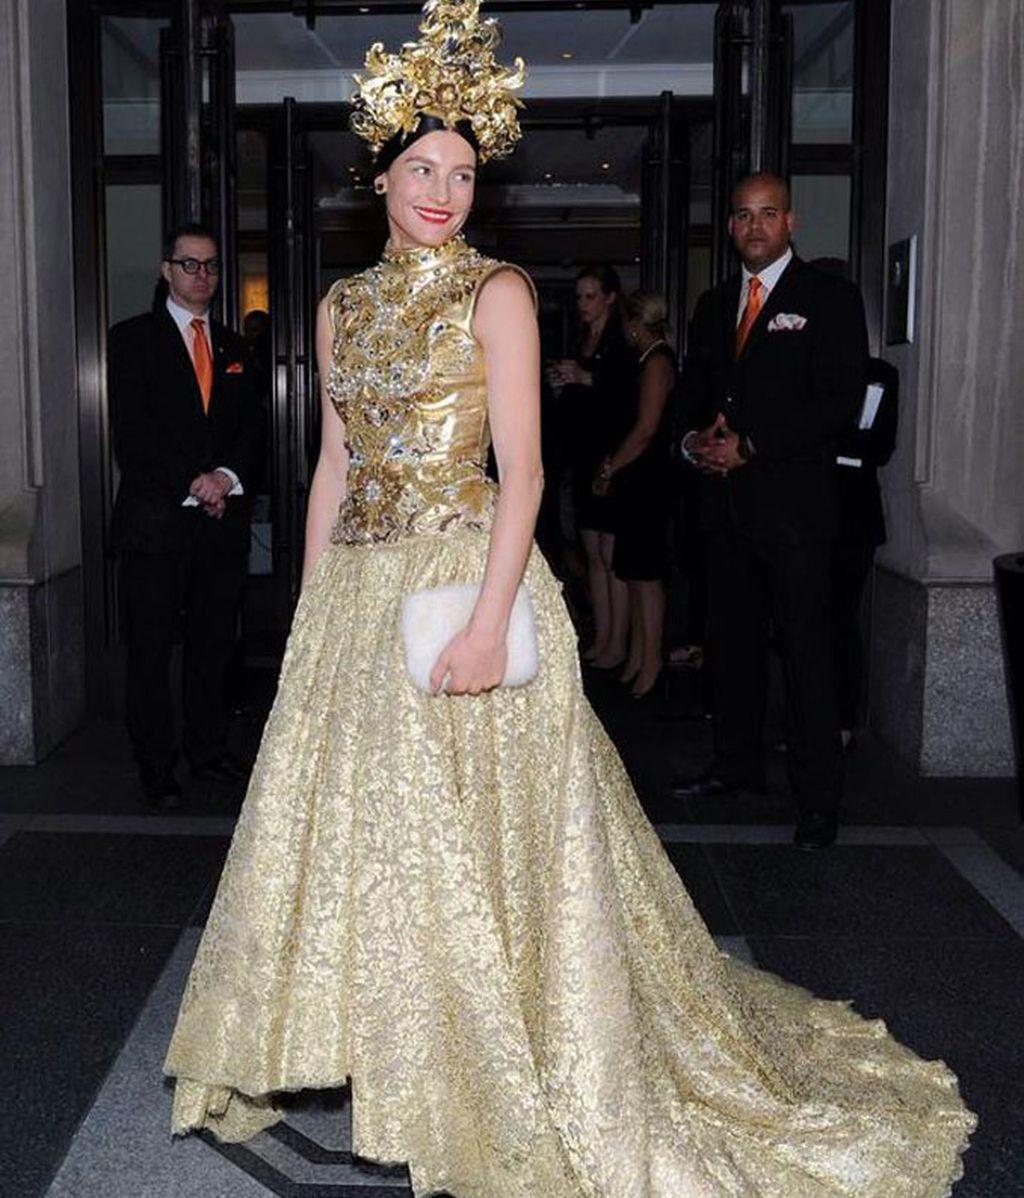 La diseñadora de zapatos Tabitha Simons de Dolce & Gabbana